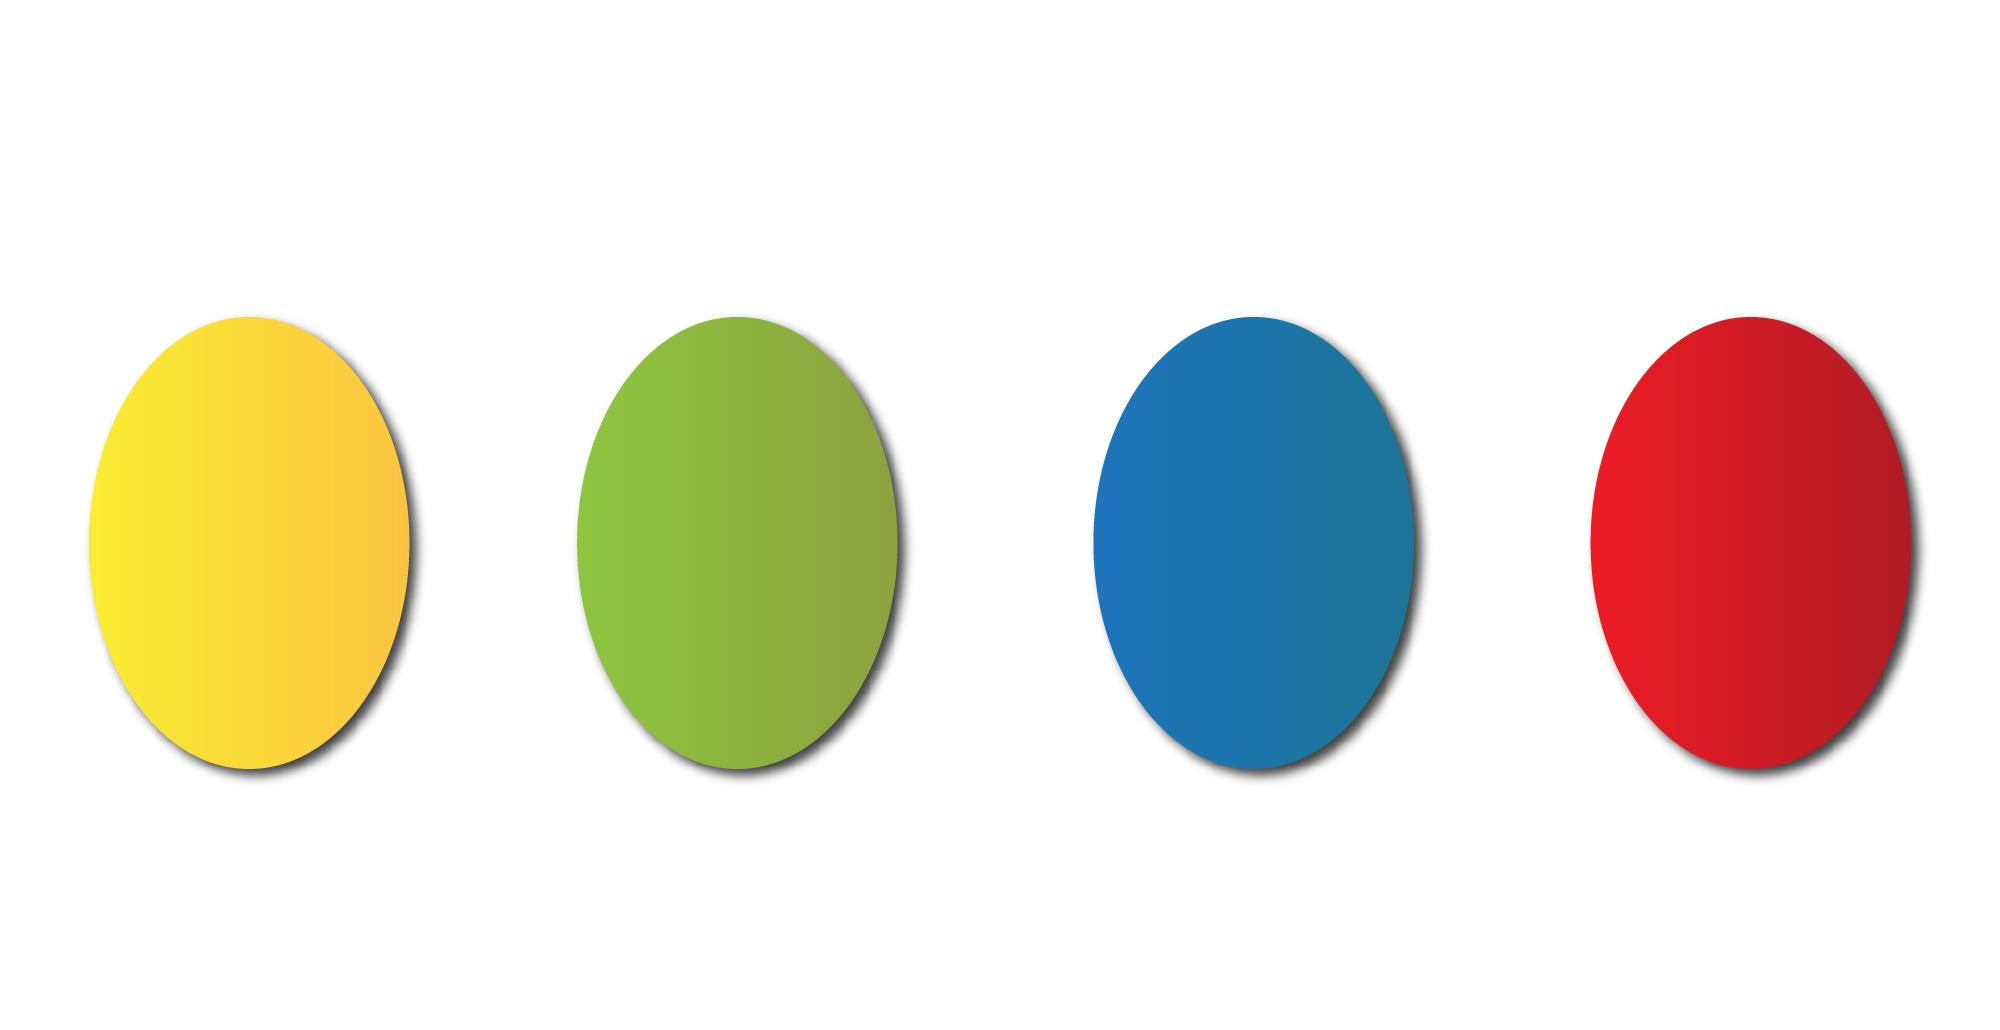 Grafica con quattro uova colorate (una gialla, una verde, una blu e una rossa)